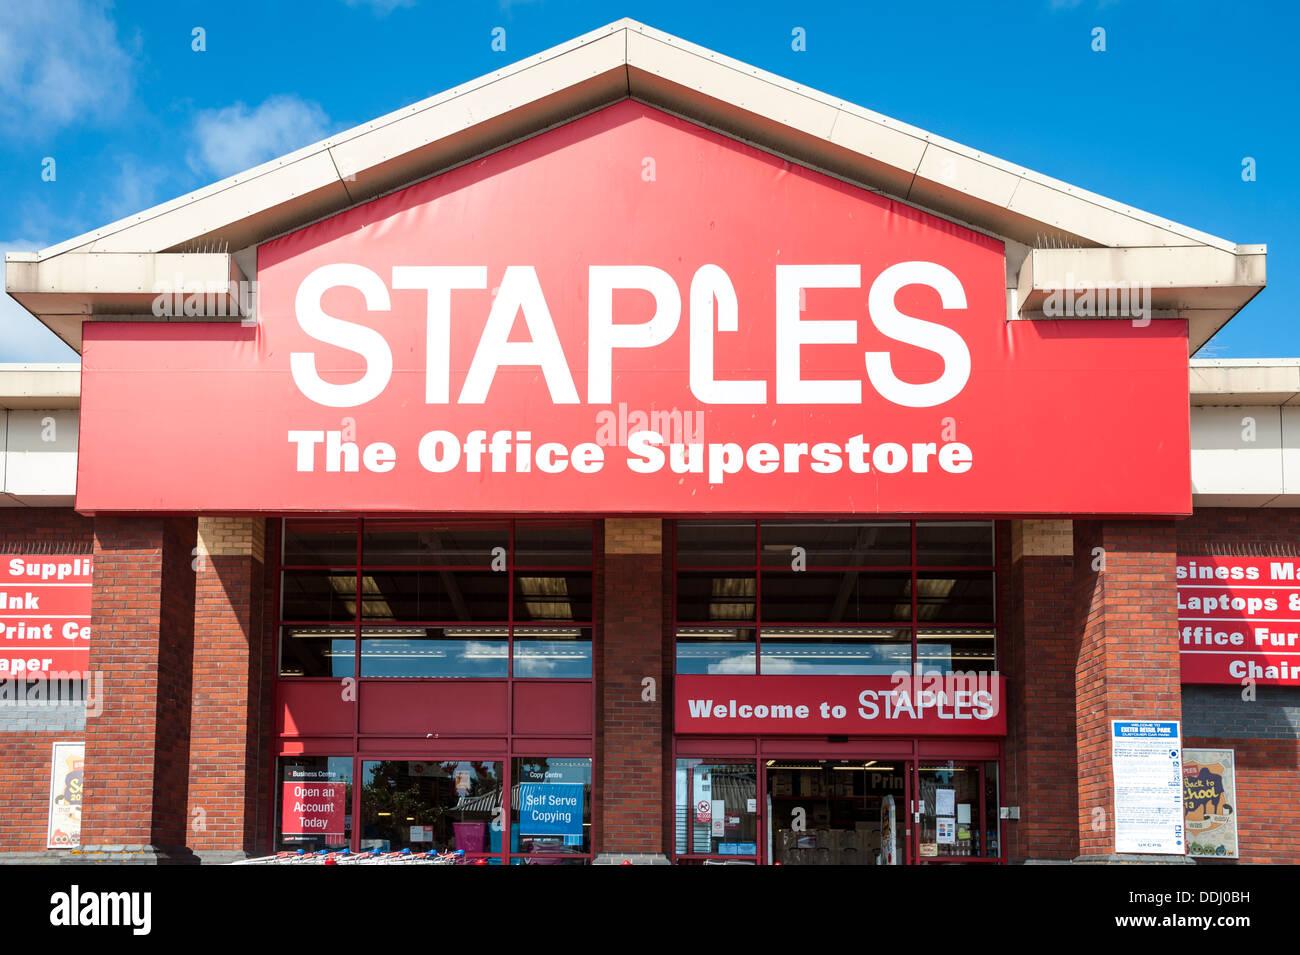 Staples store, UK. - Stock Image